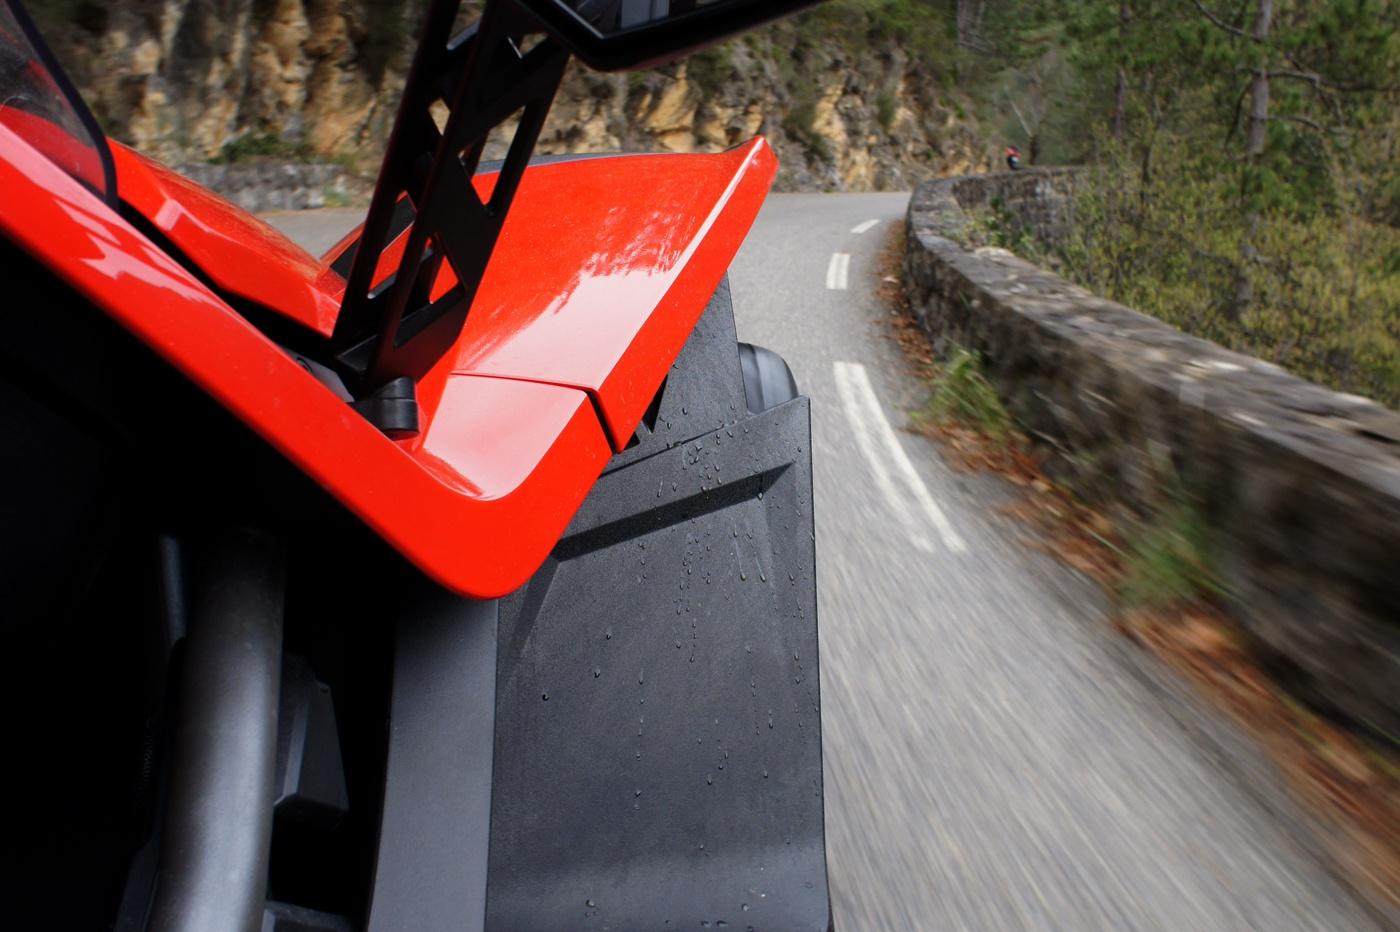 SLingshot on the road